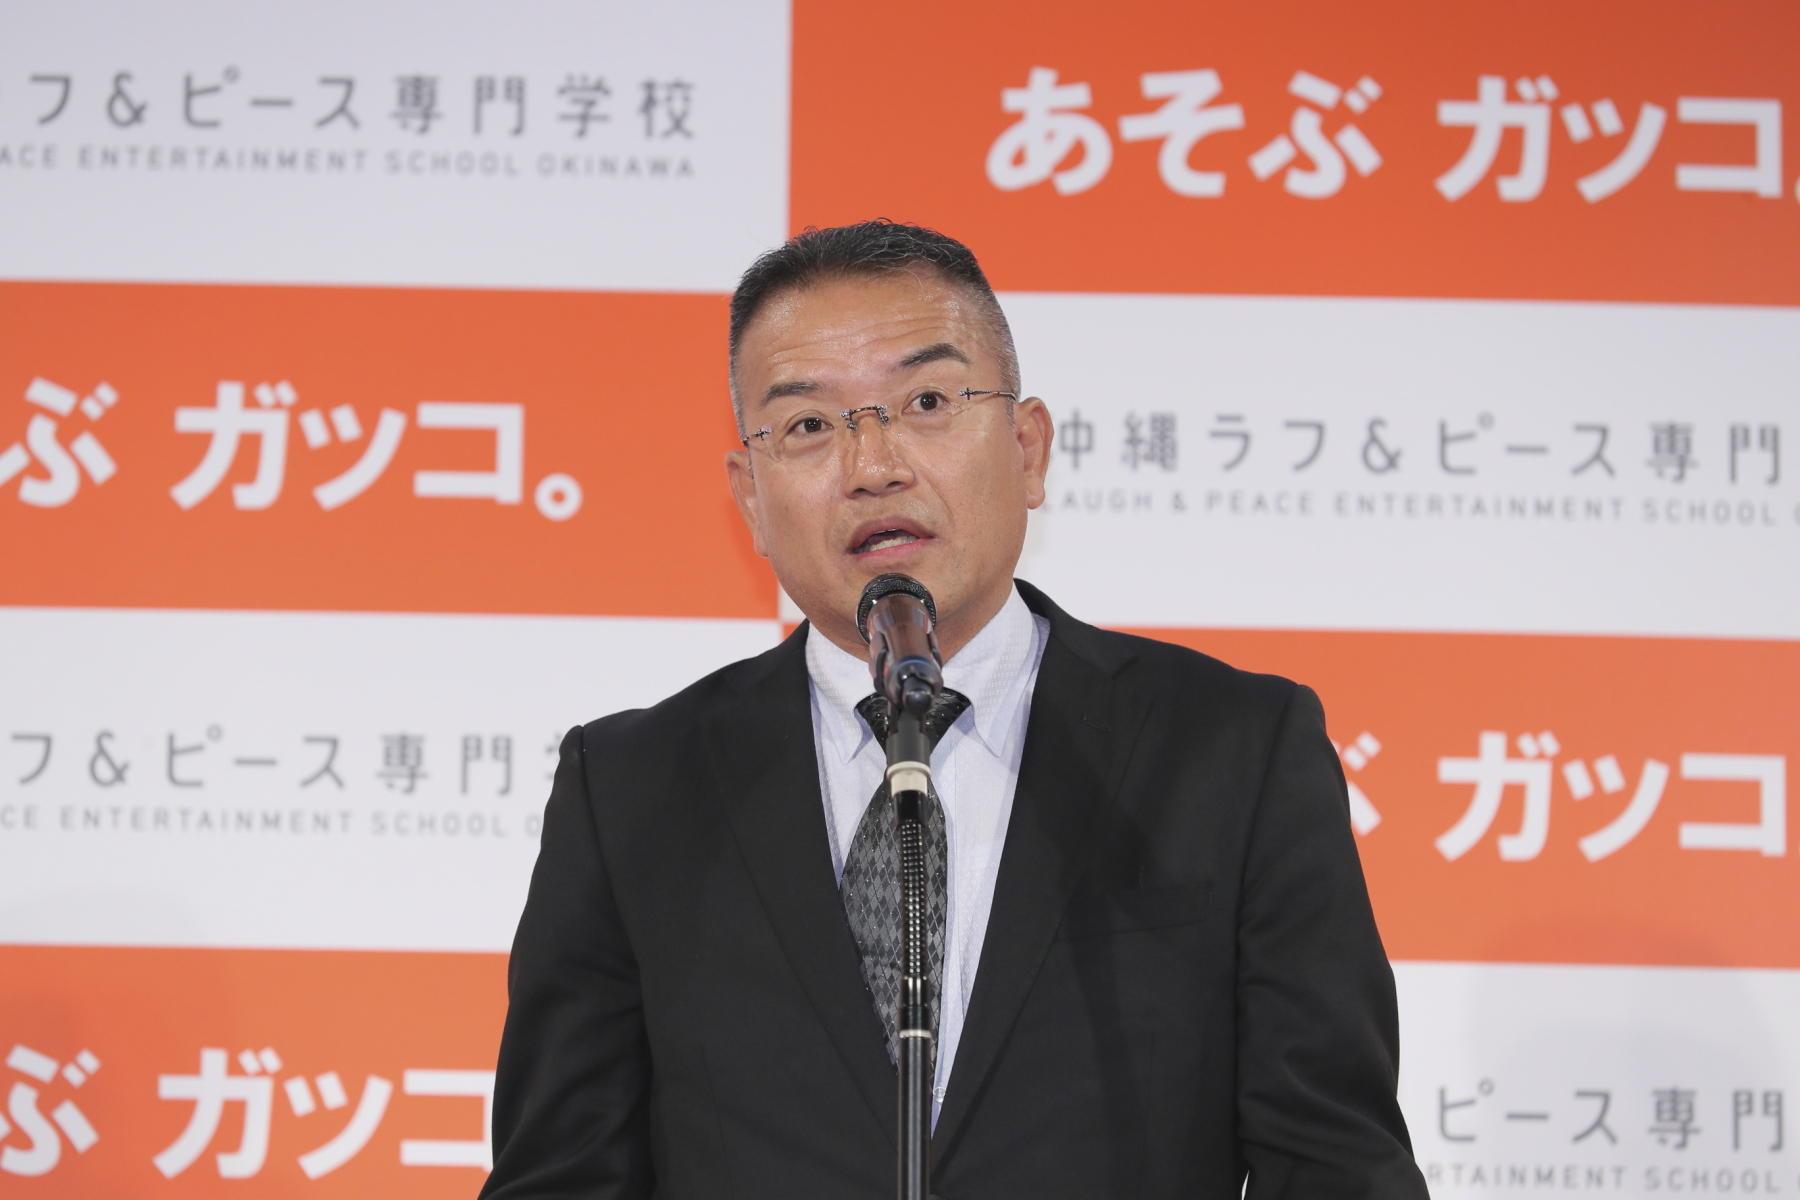 http://news.yoshimoto.co.jp/20171006102137-6df3ba141d4255545fcc566998410c264b1cc122.jpg